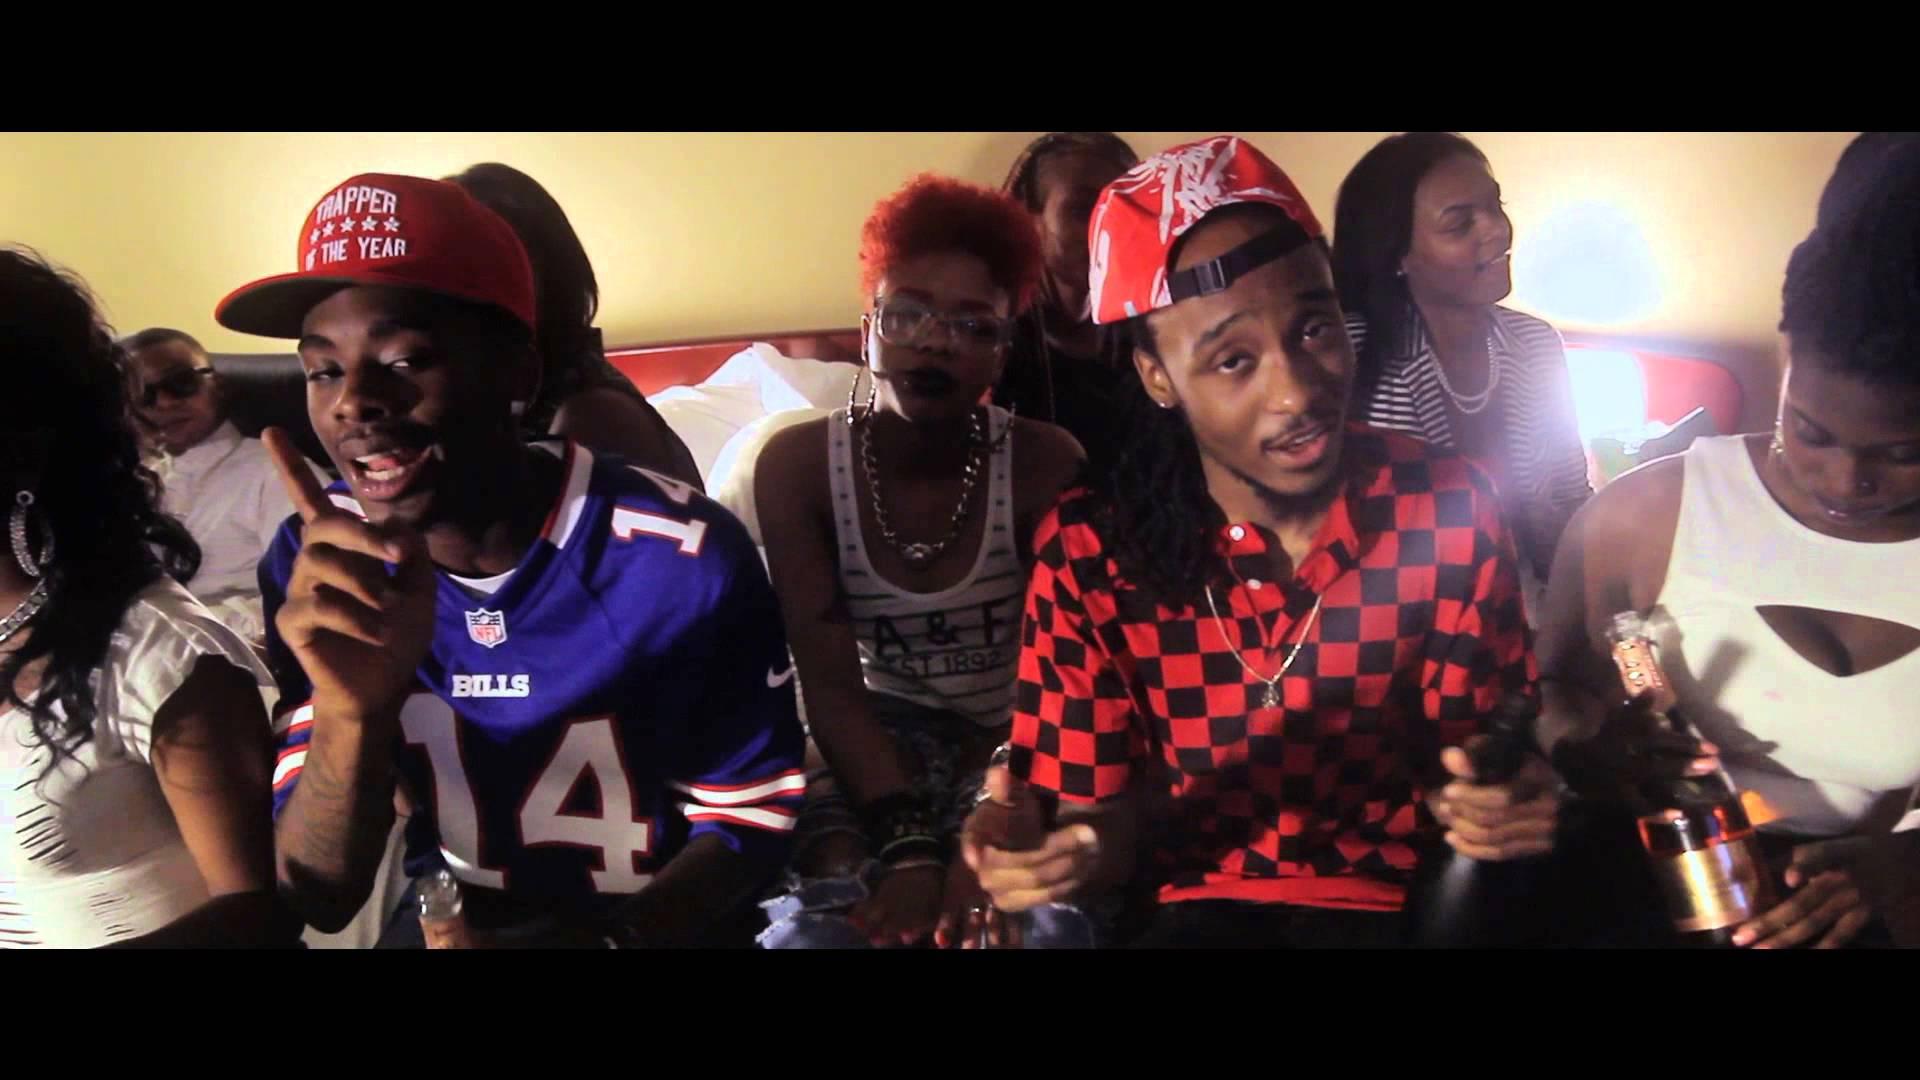 Bobby Biz Feat. Les – First Class Livin